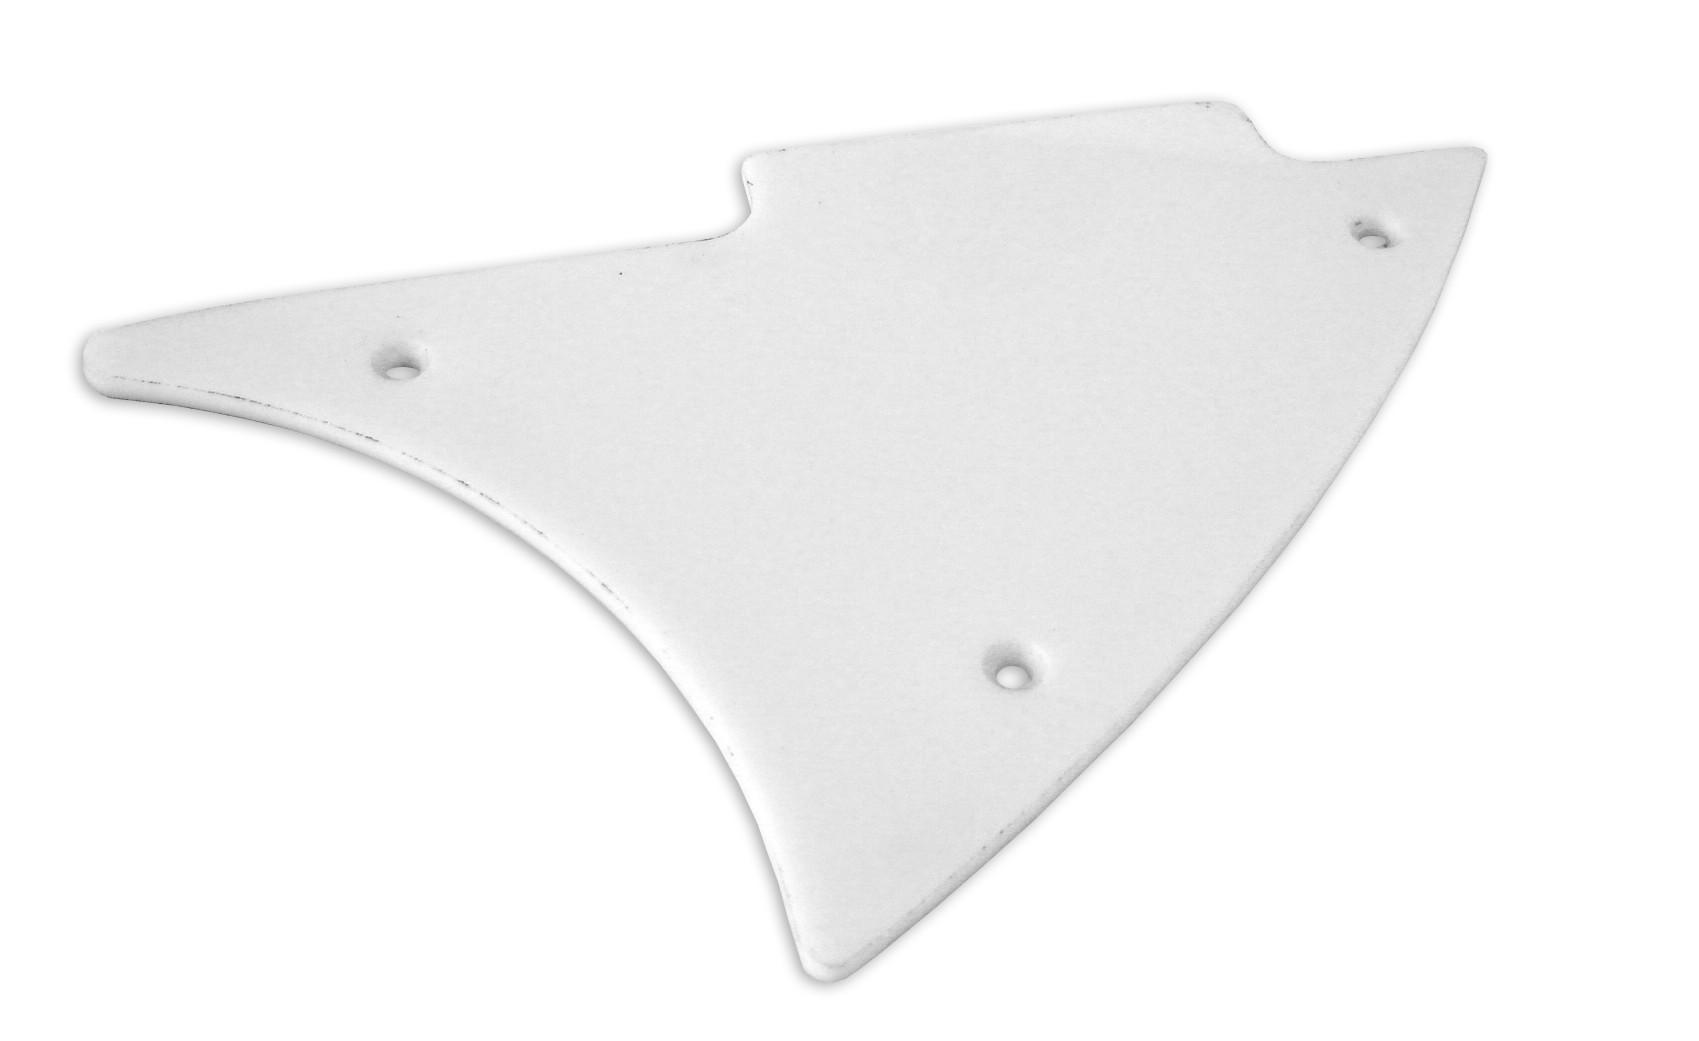 Rickenbacker Part 03416 - Upper Scratchplate for 330/360